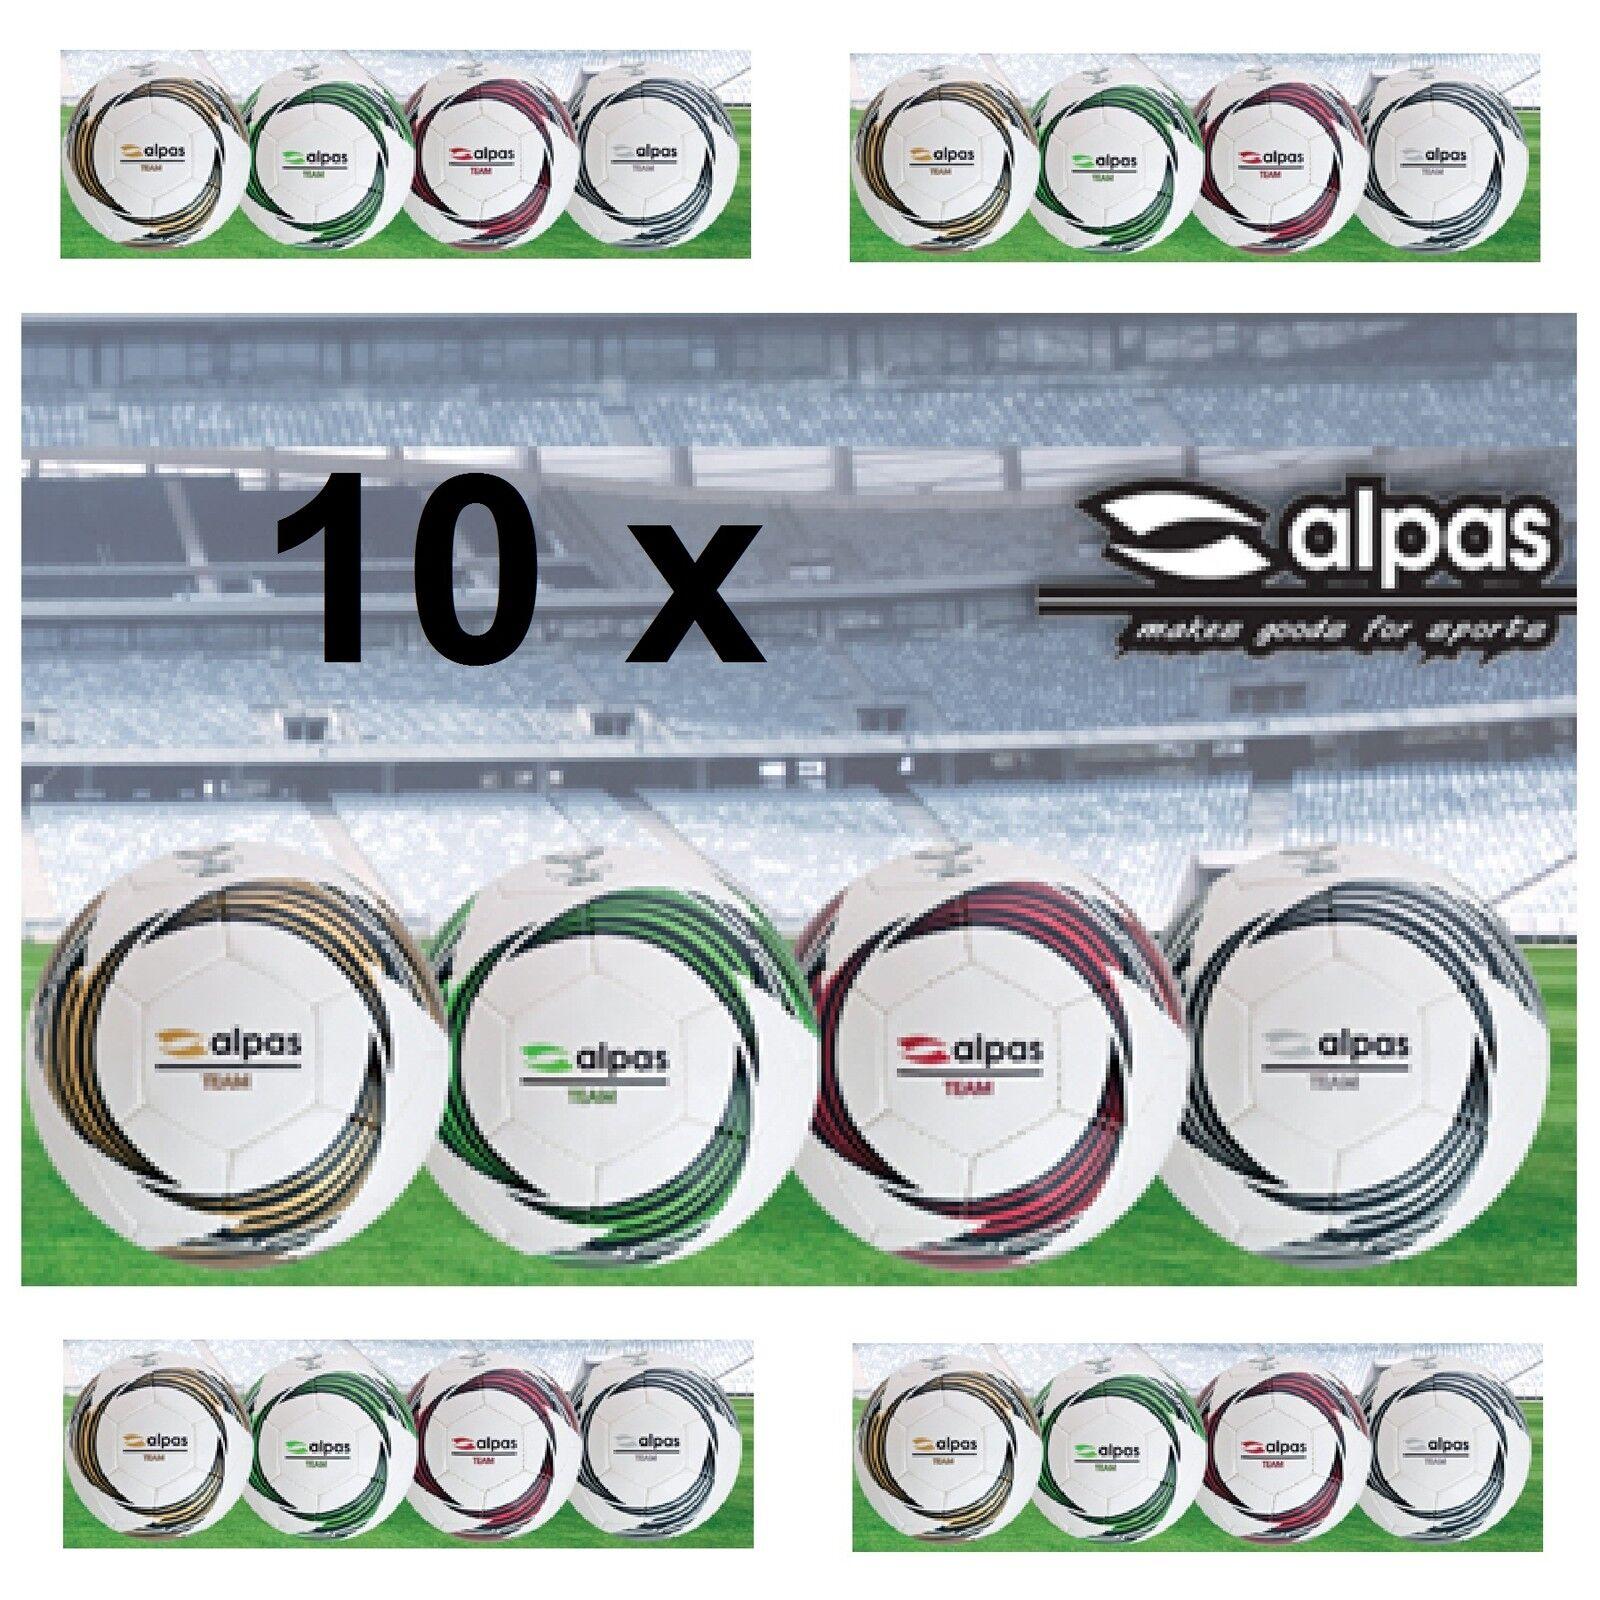 10 x ALPAS Trainingsfußball Trainingsball Fußball TEAM Größe: 3, 4 oder 5  NEU